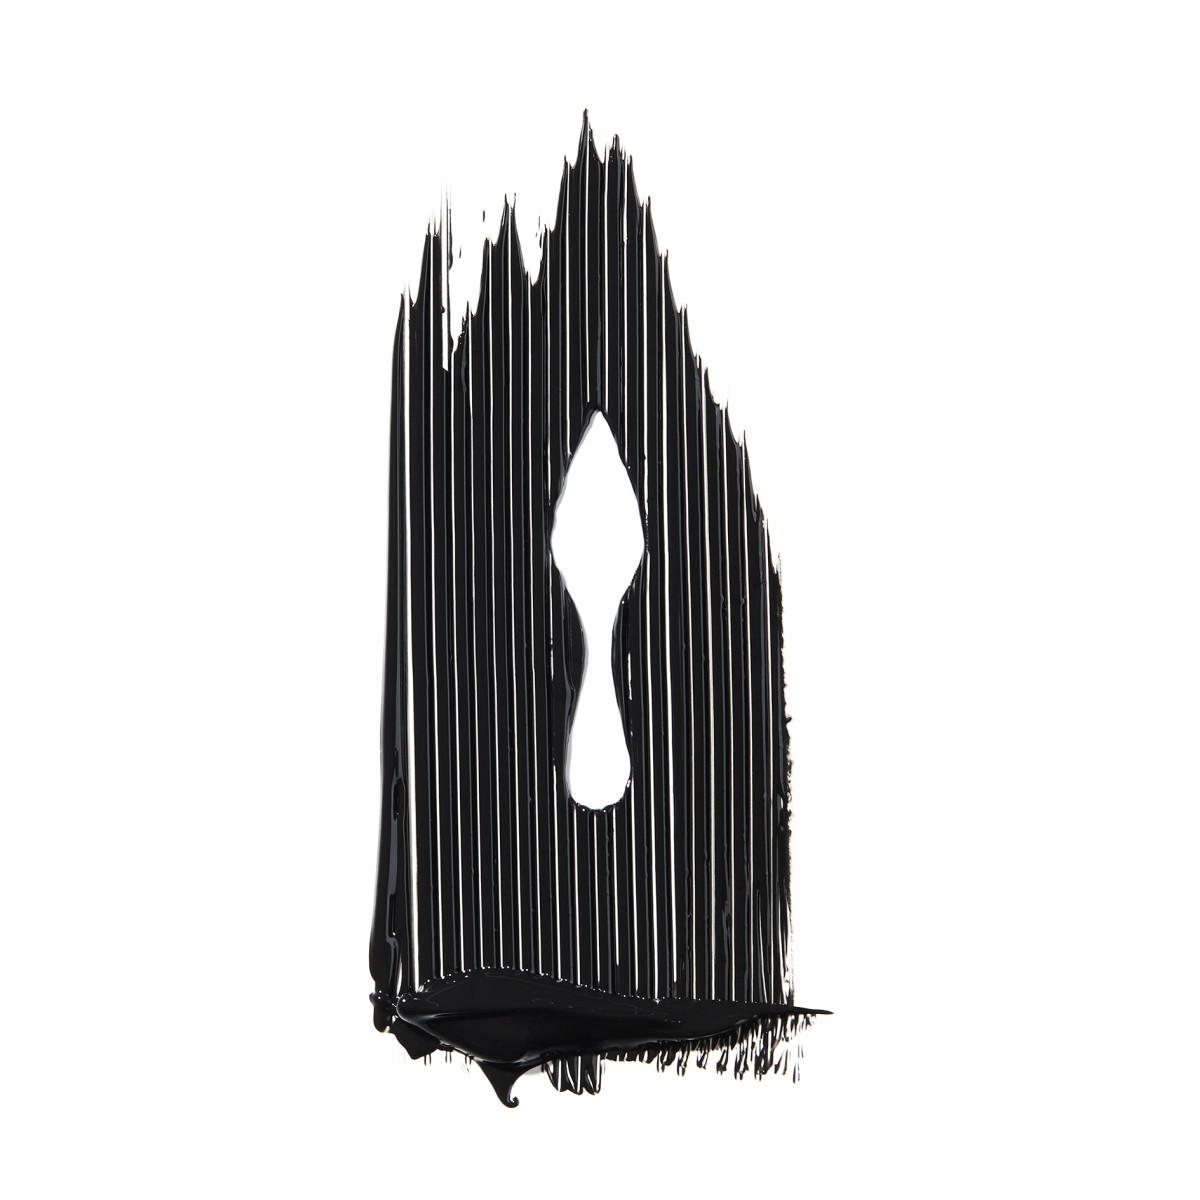 化妝品 - Shine Mascara - Christian Louboutin